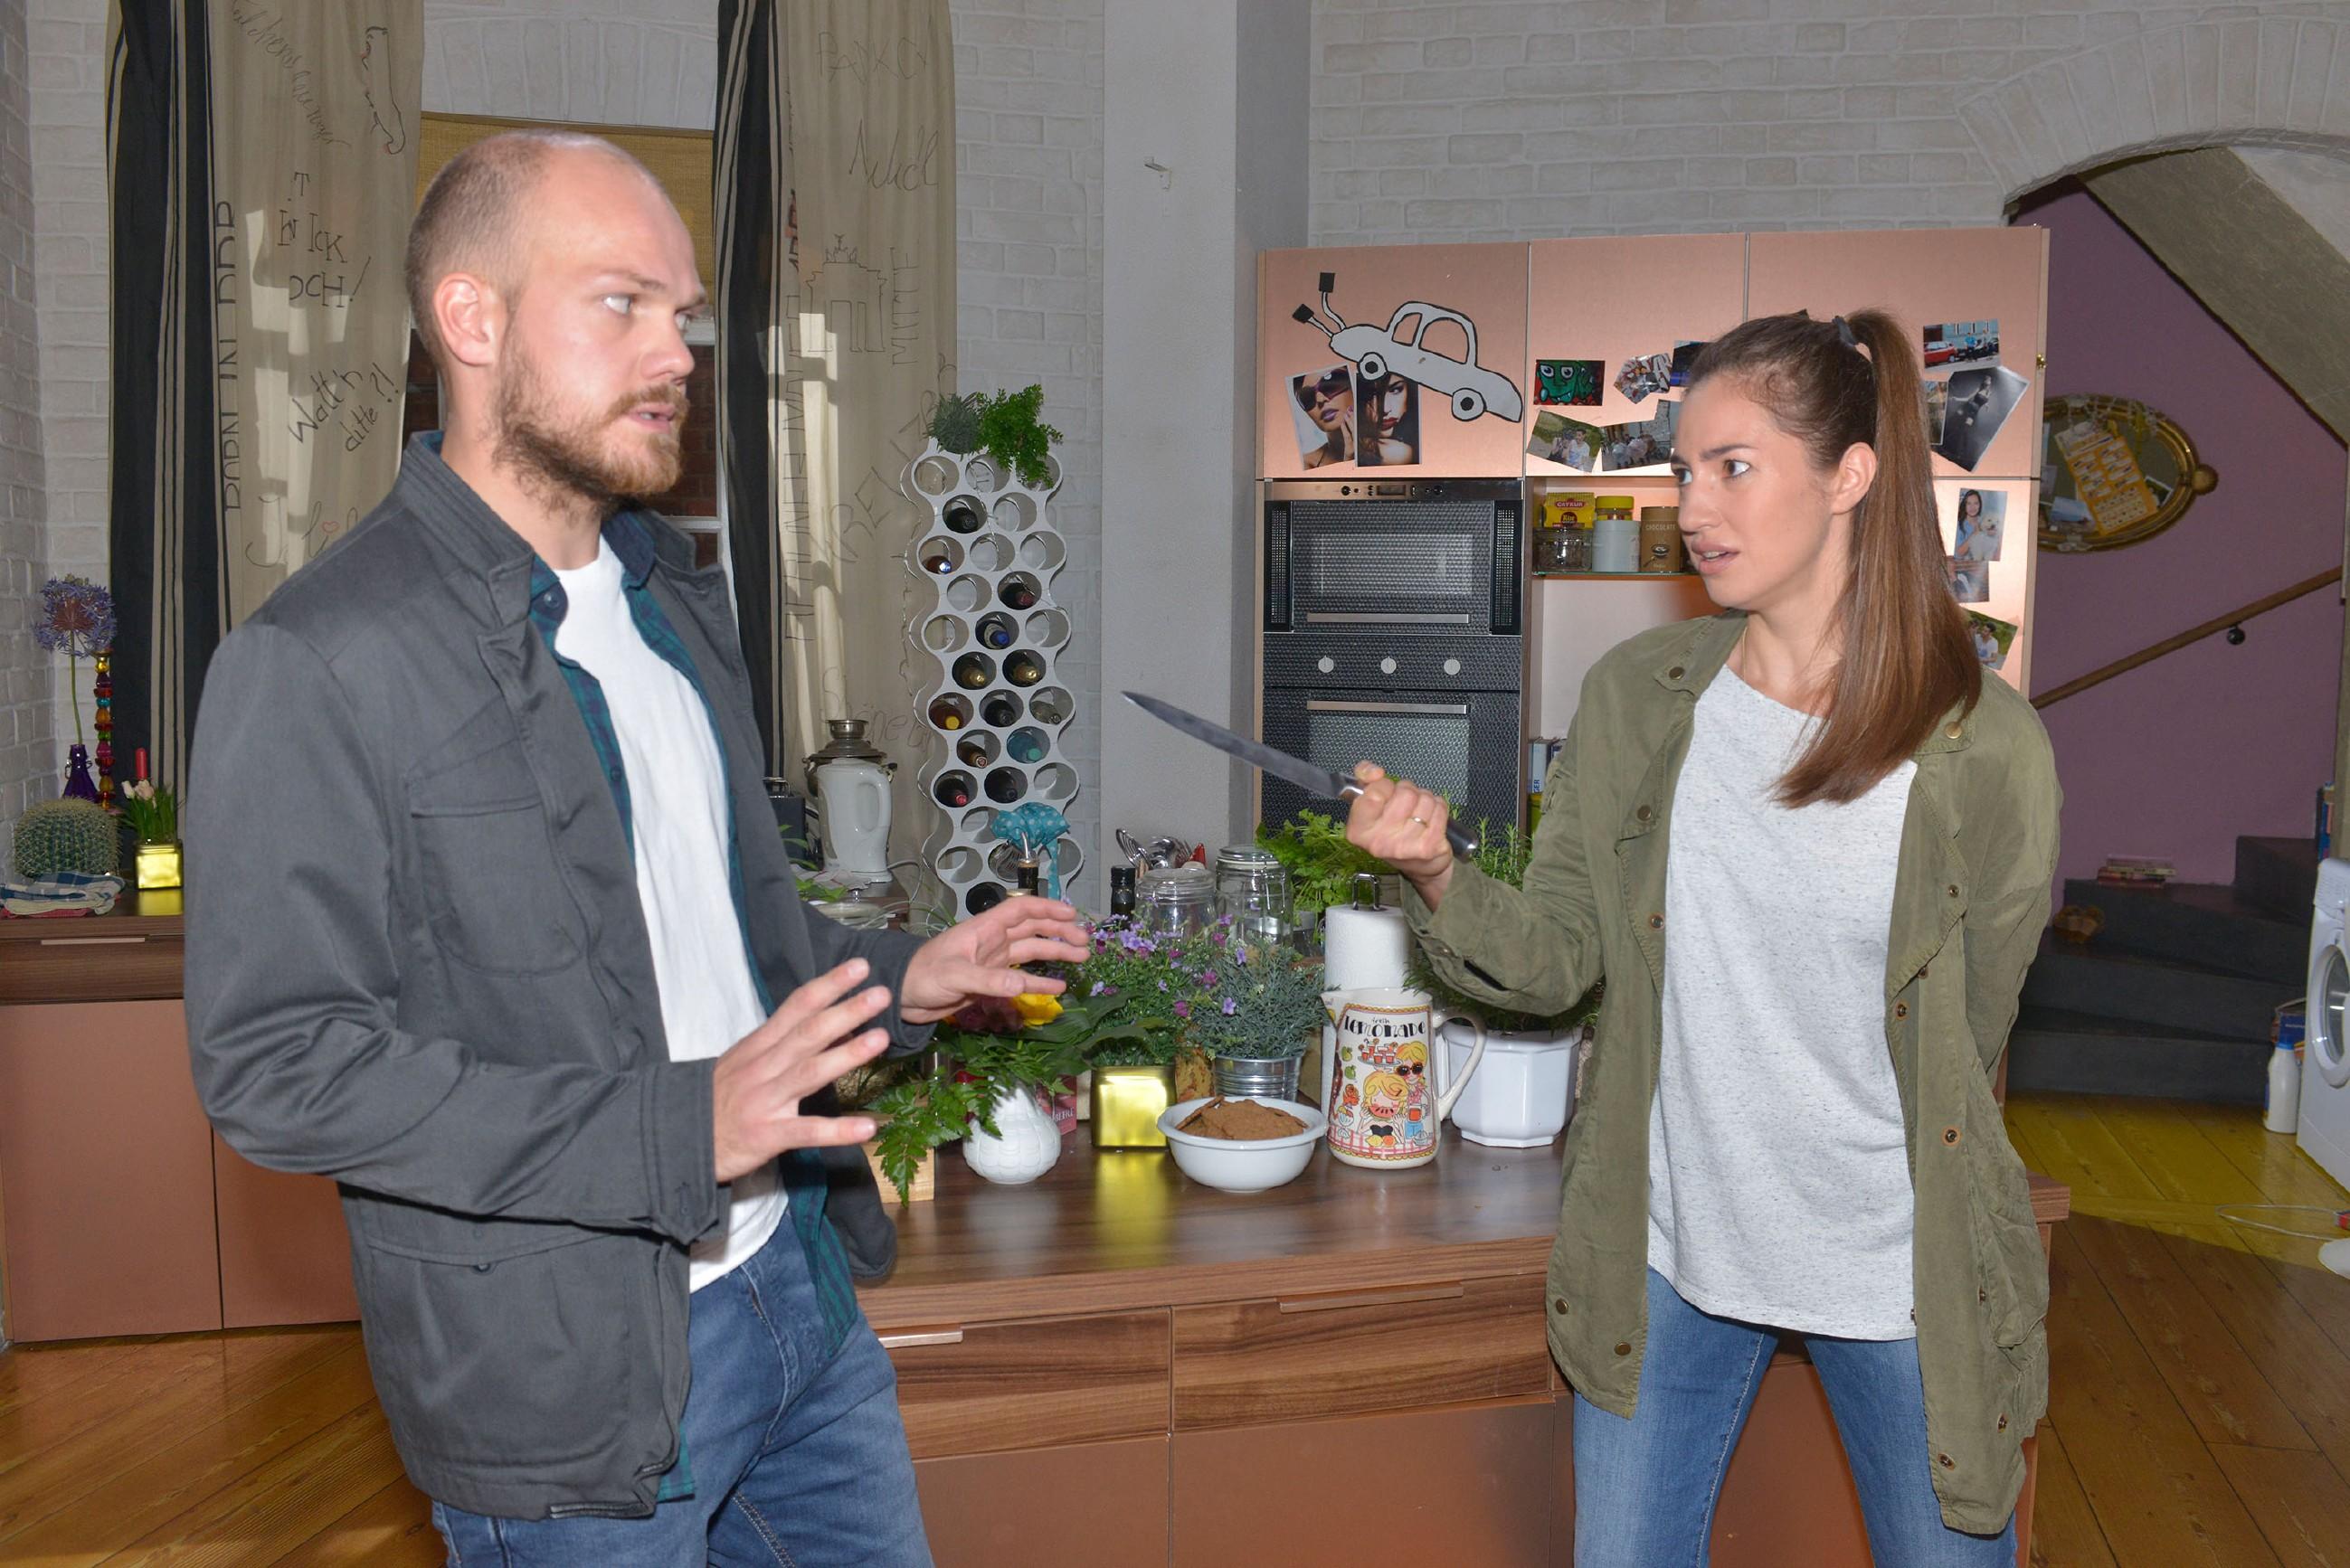 Als Elena (Elena Garcia Gerlach) in der WG von ihrem Peiniger Mirko Müller (Matti Krause) überrascht wird, reagiert sie panisch und ist zu allem bereit... (Quelle: RTL / Rolf Baumgartner)